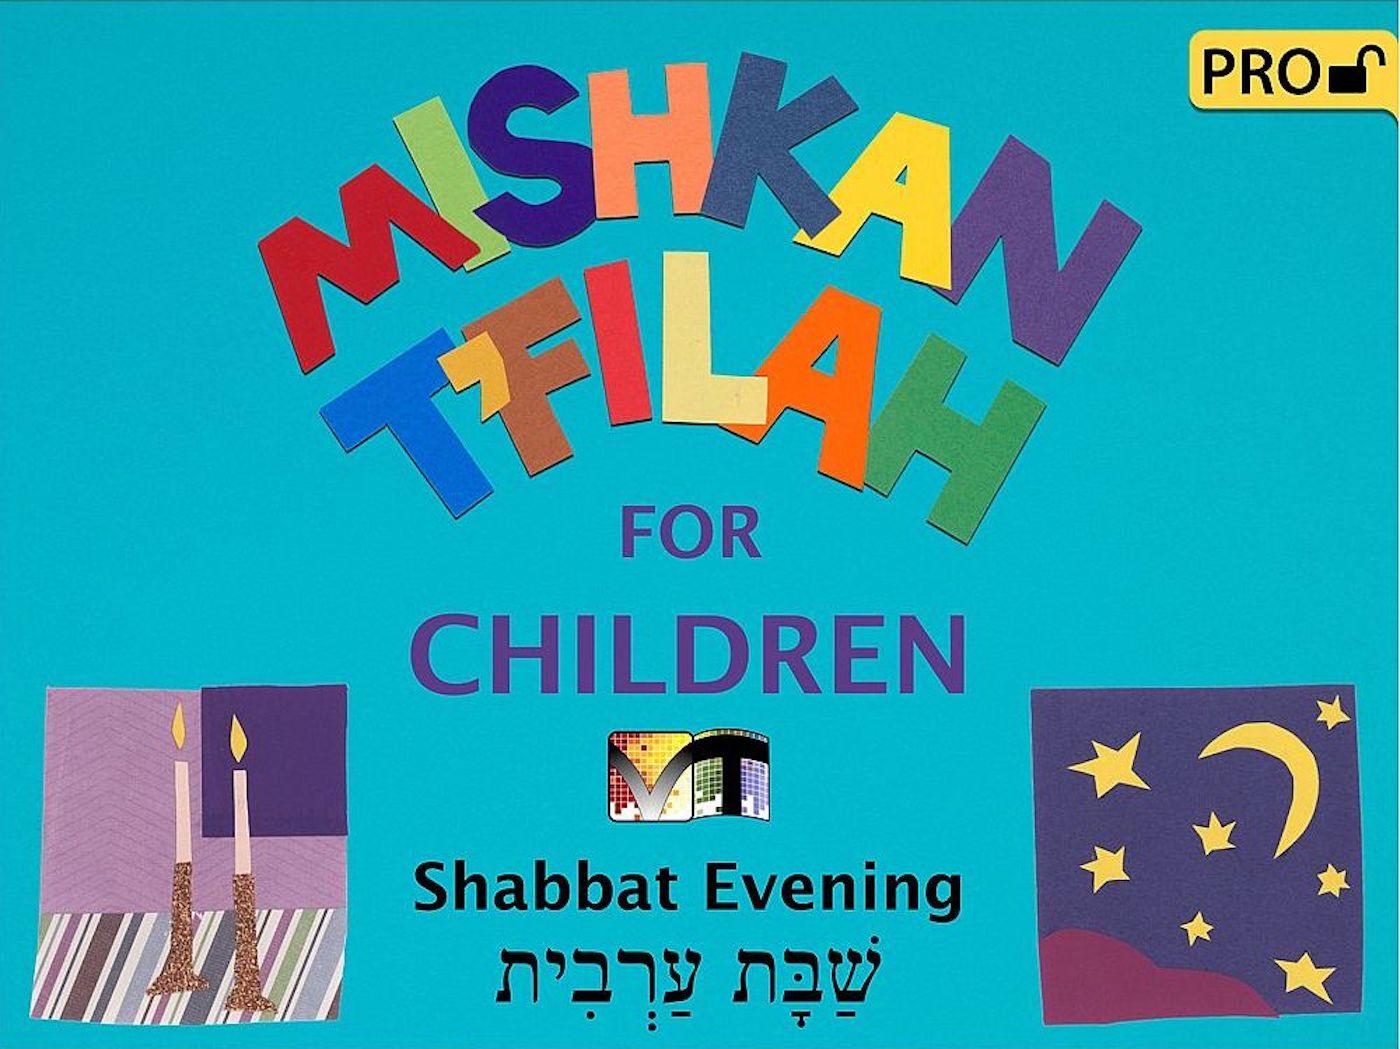 Mishkan T'filah for Children Visual T'filah (Shabbat Eve Pro)